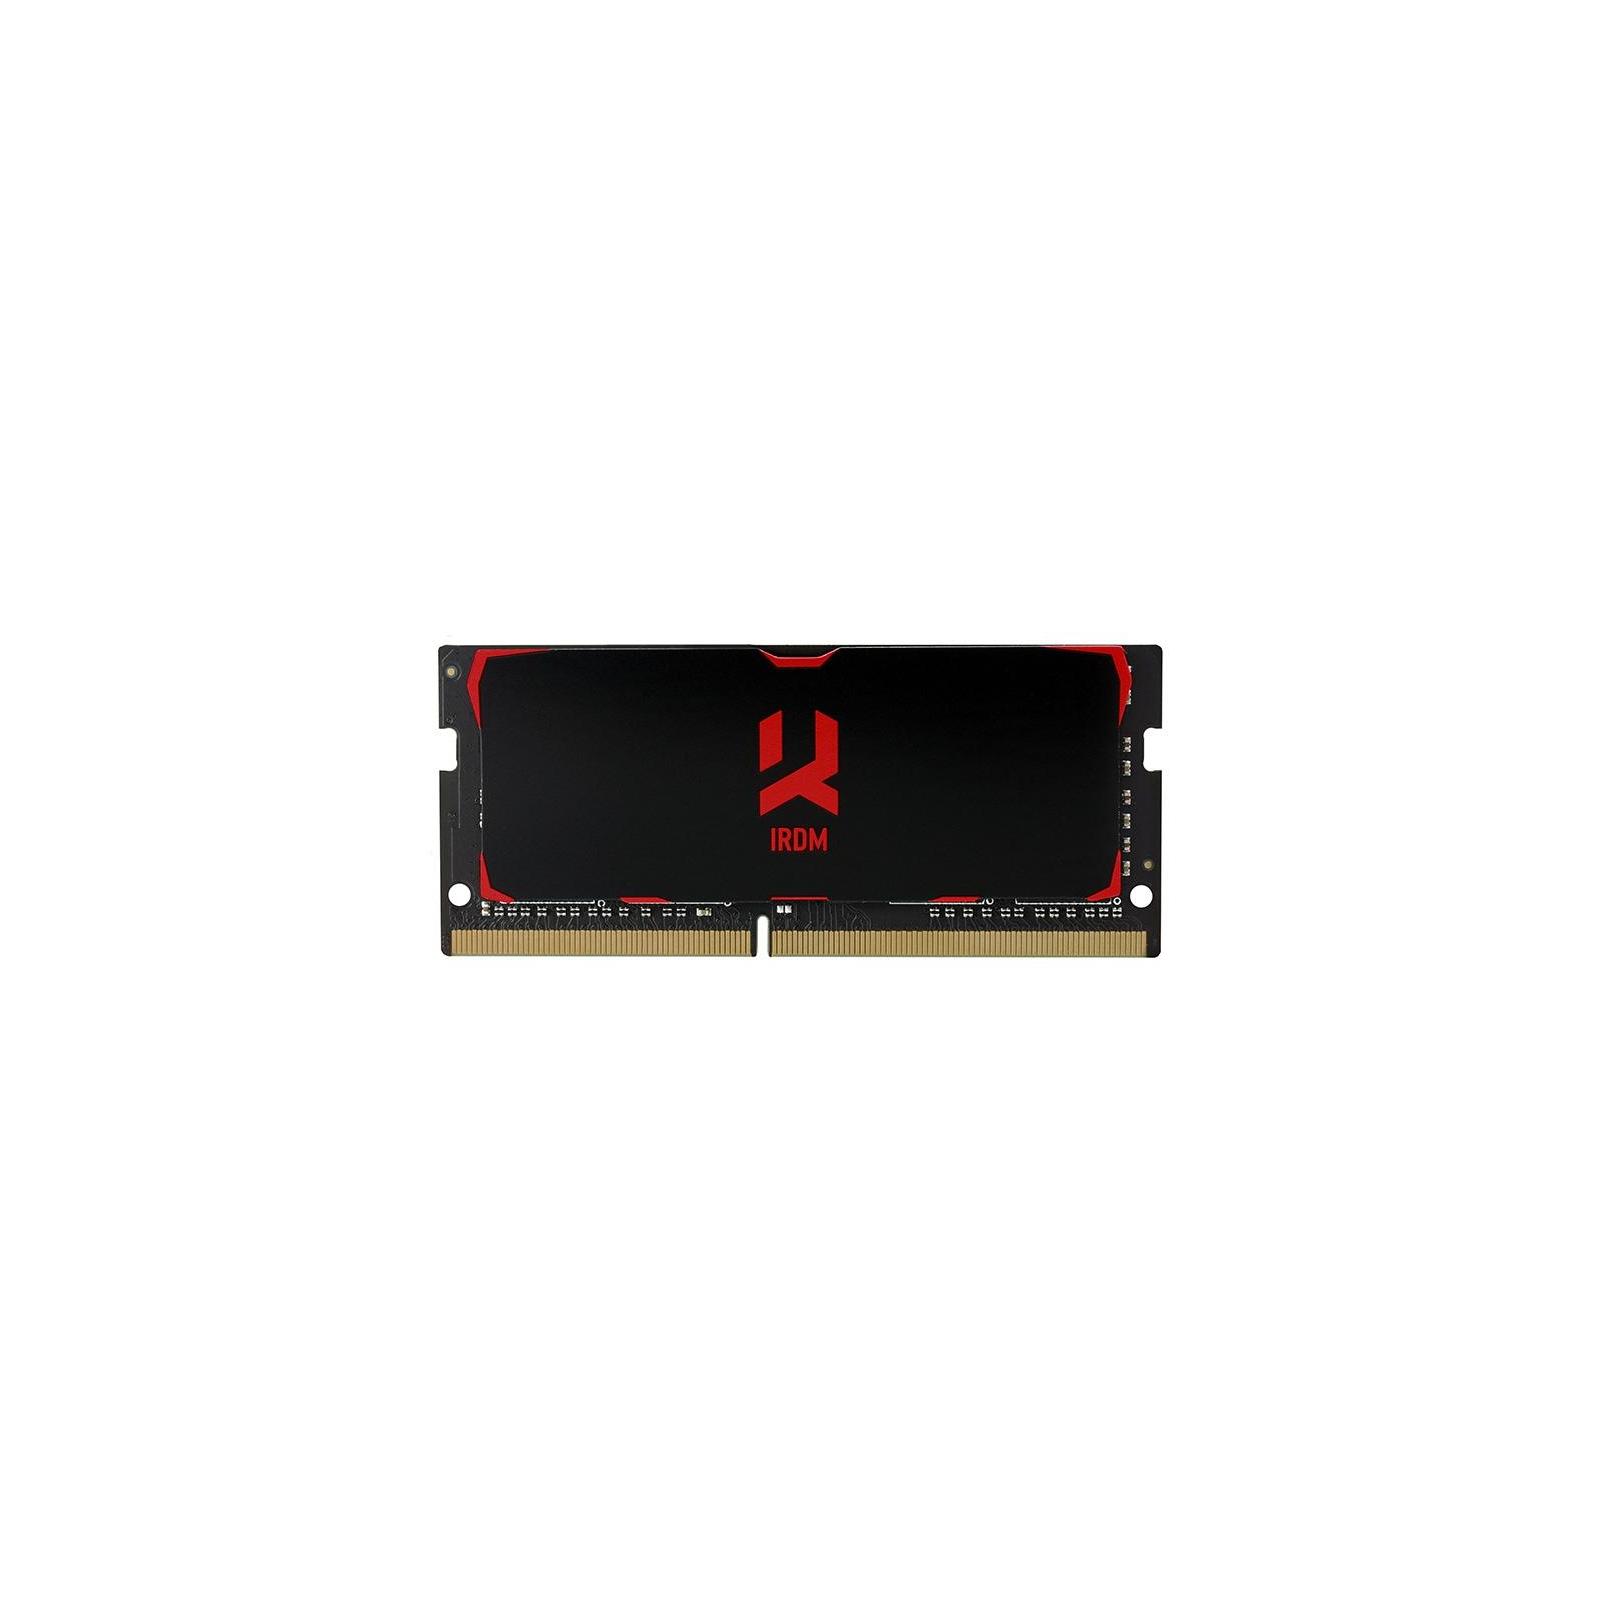 Модуль памяти для ноутбука SoDIMM DDR4 16GB 2133 MHz Iridium Goodram (IR-2133S464L14/16G)